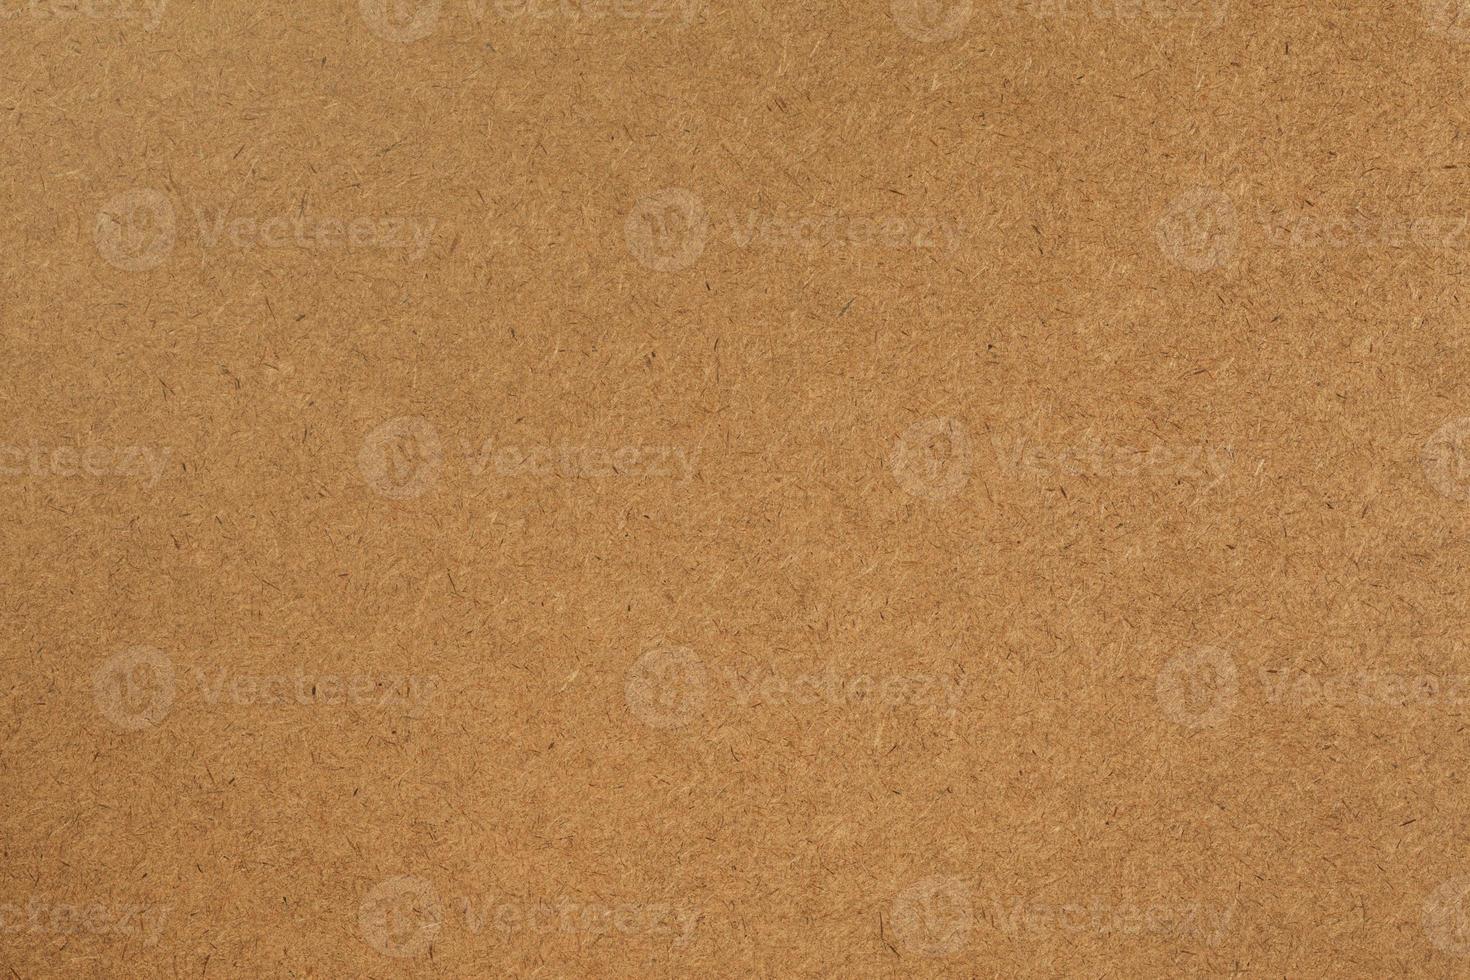 textura carton foto